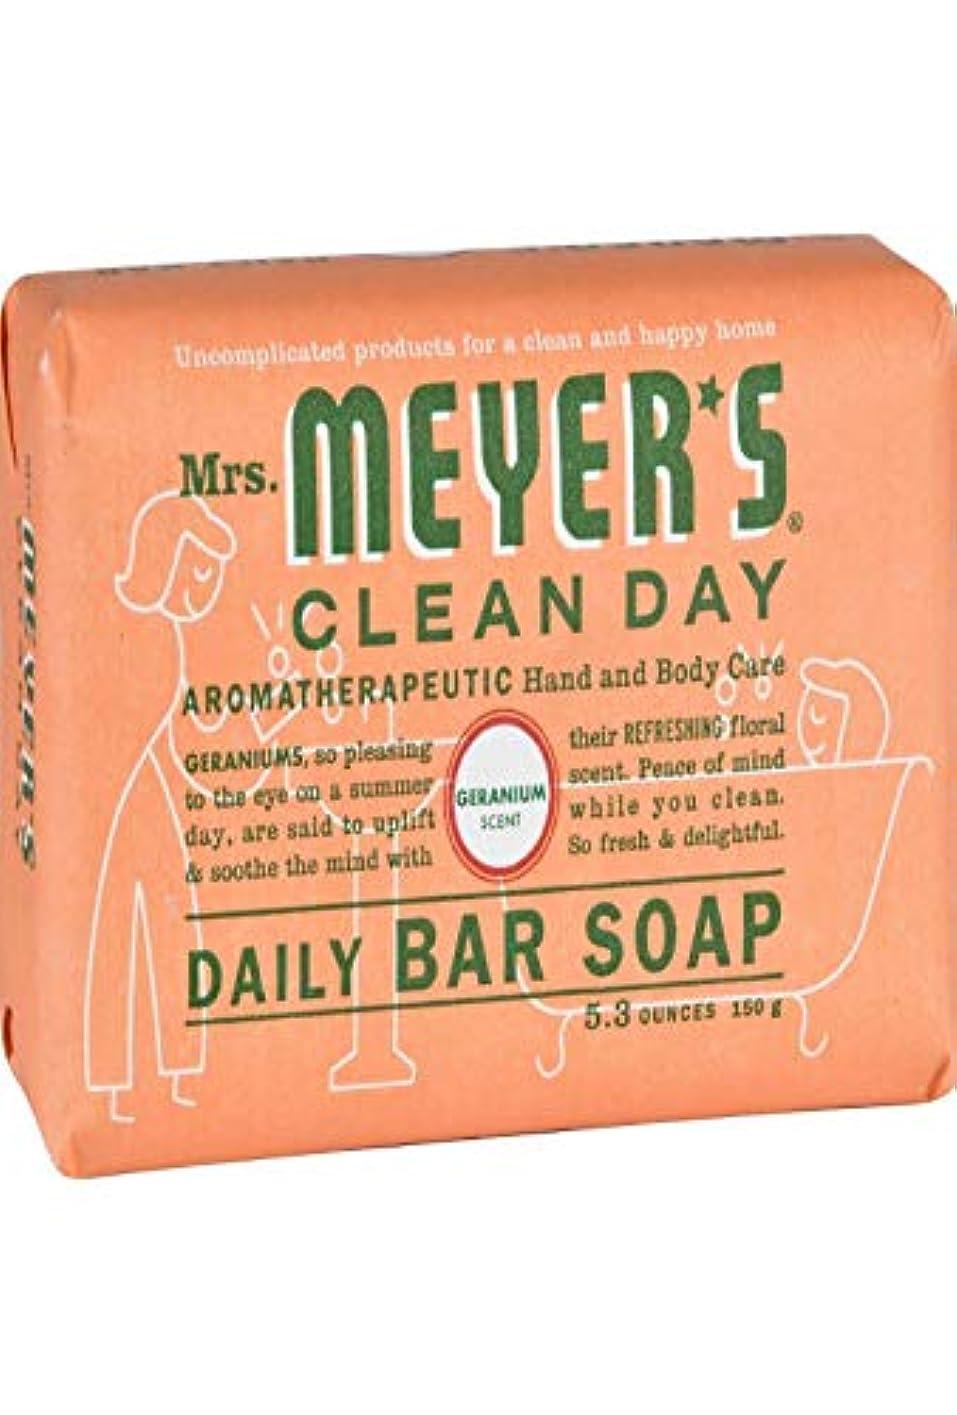 援助する韓国語安全でないMrs. Meyers Bar Soap - Geranium - 5.3 oz - 1501071